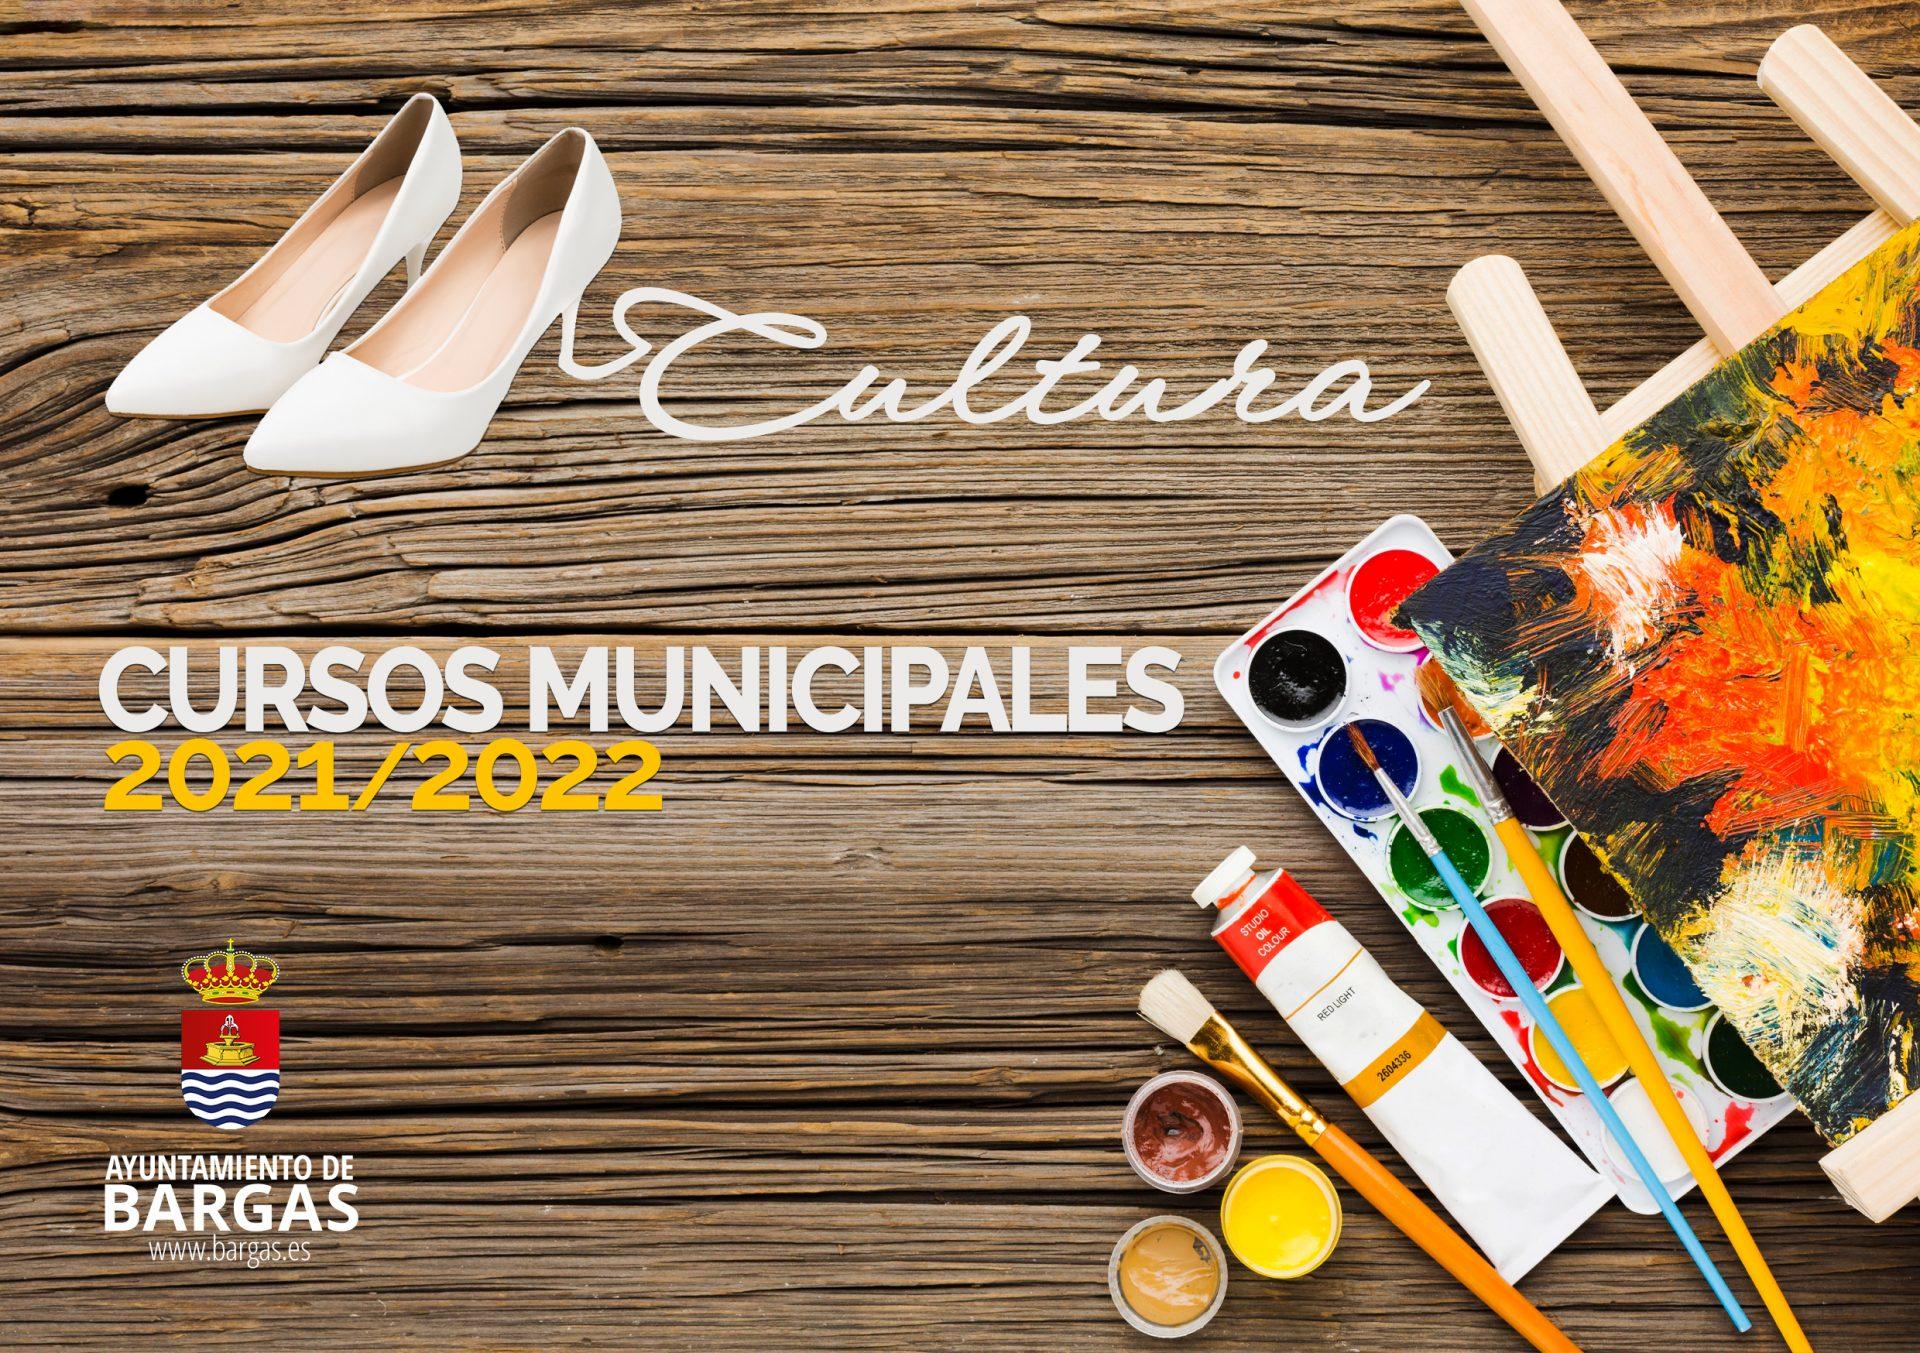 Cursos Municipales Cultura 2021